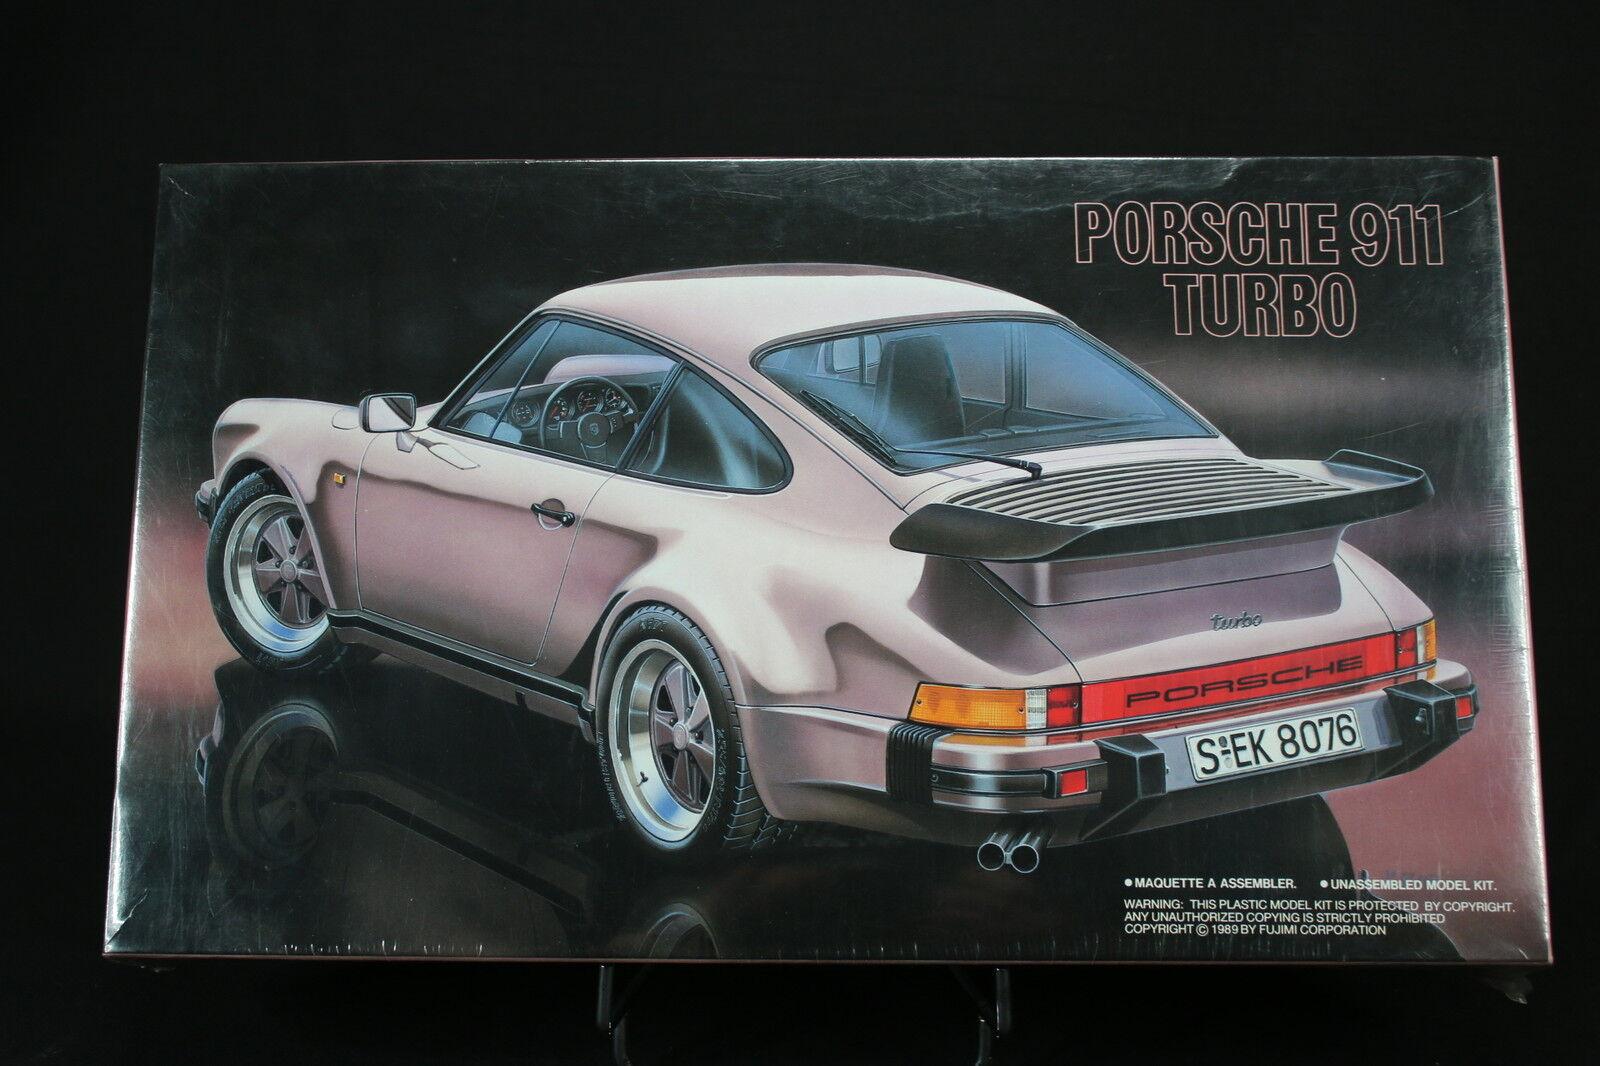 XA052 FUJIMI 1 24 maquette voiture 12005 - 1000 5 Porsche 911 turbo